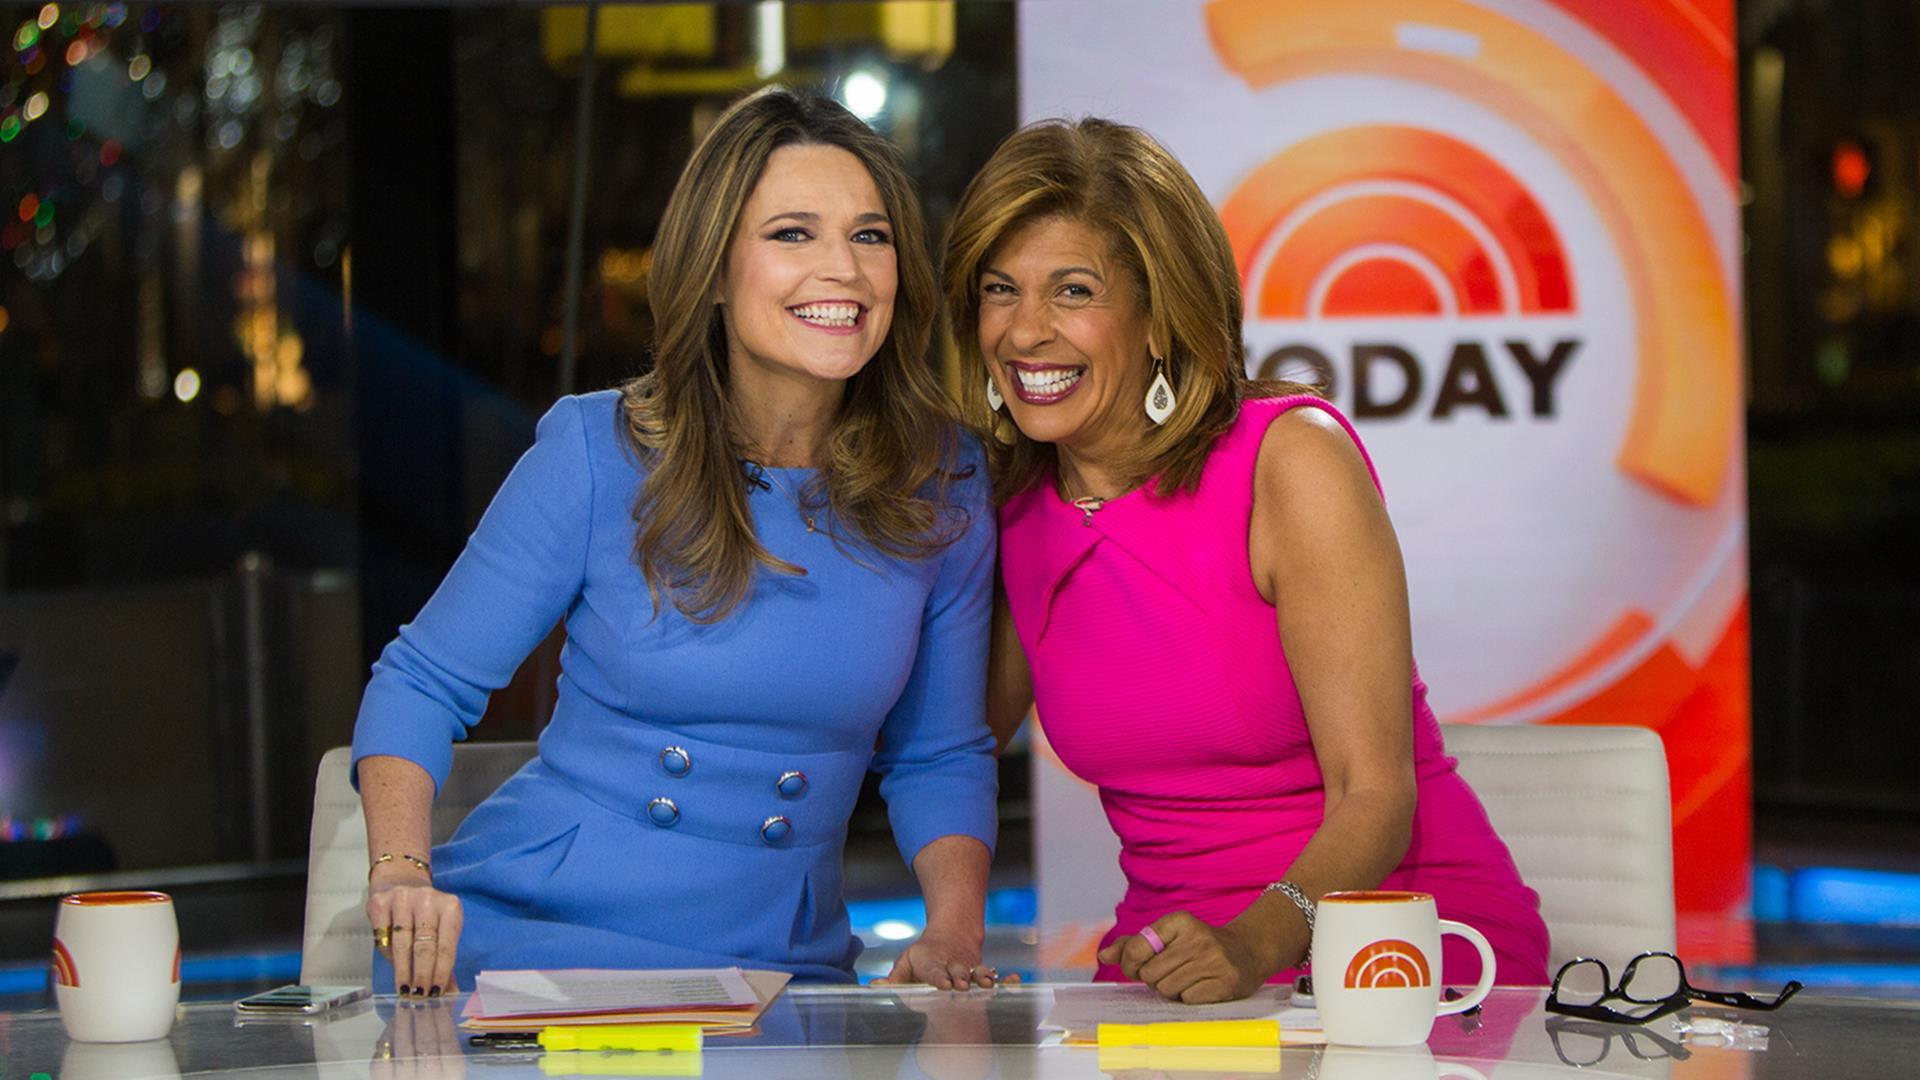 Savannah Guthrie, left, and Hoda Kotb (Credit: NBC News)